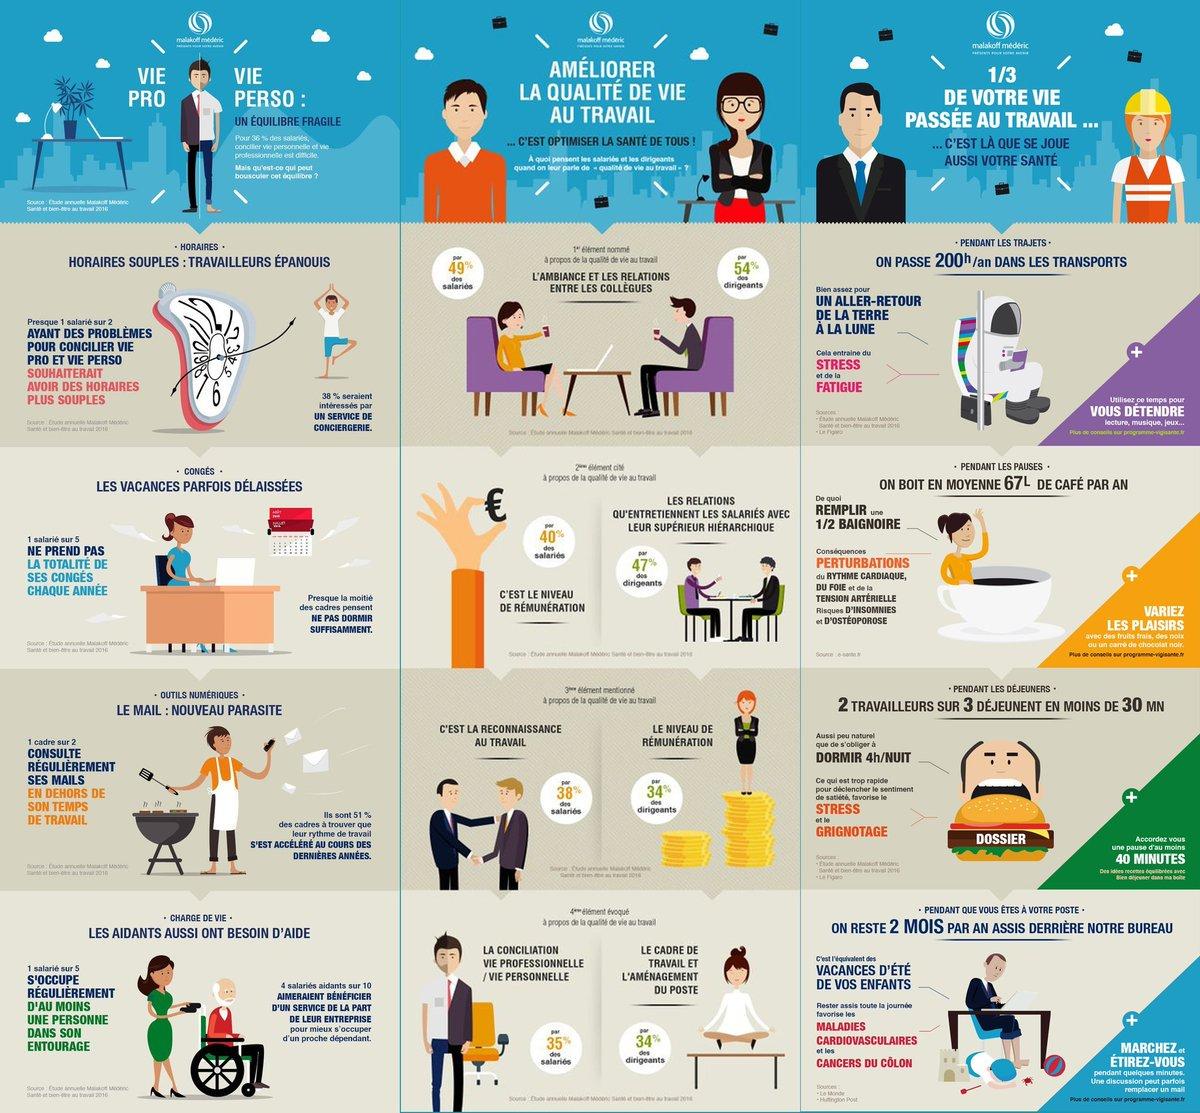 #RH #QVT - Nous passons un tiers de notre vie au travail ! #weareyupeek https://t.co/lu4tkP5fmF